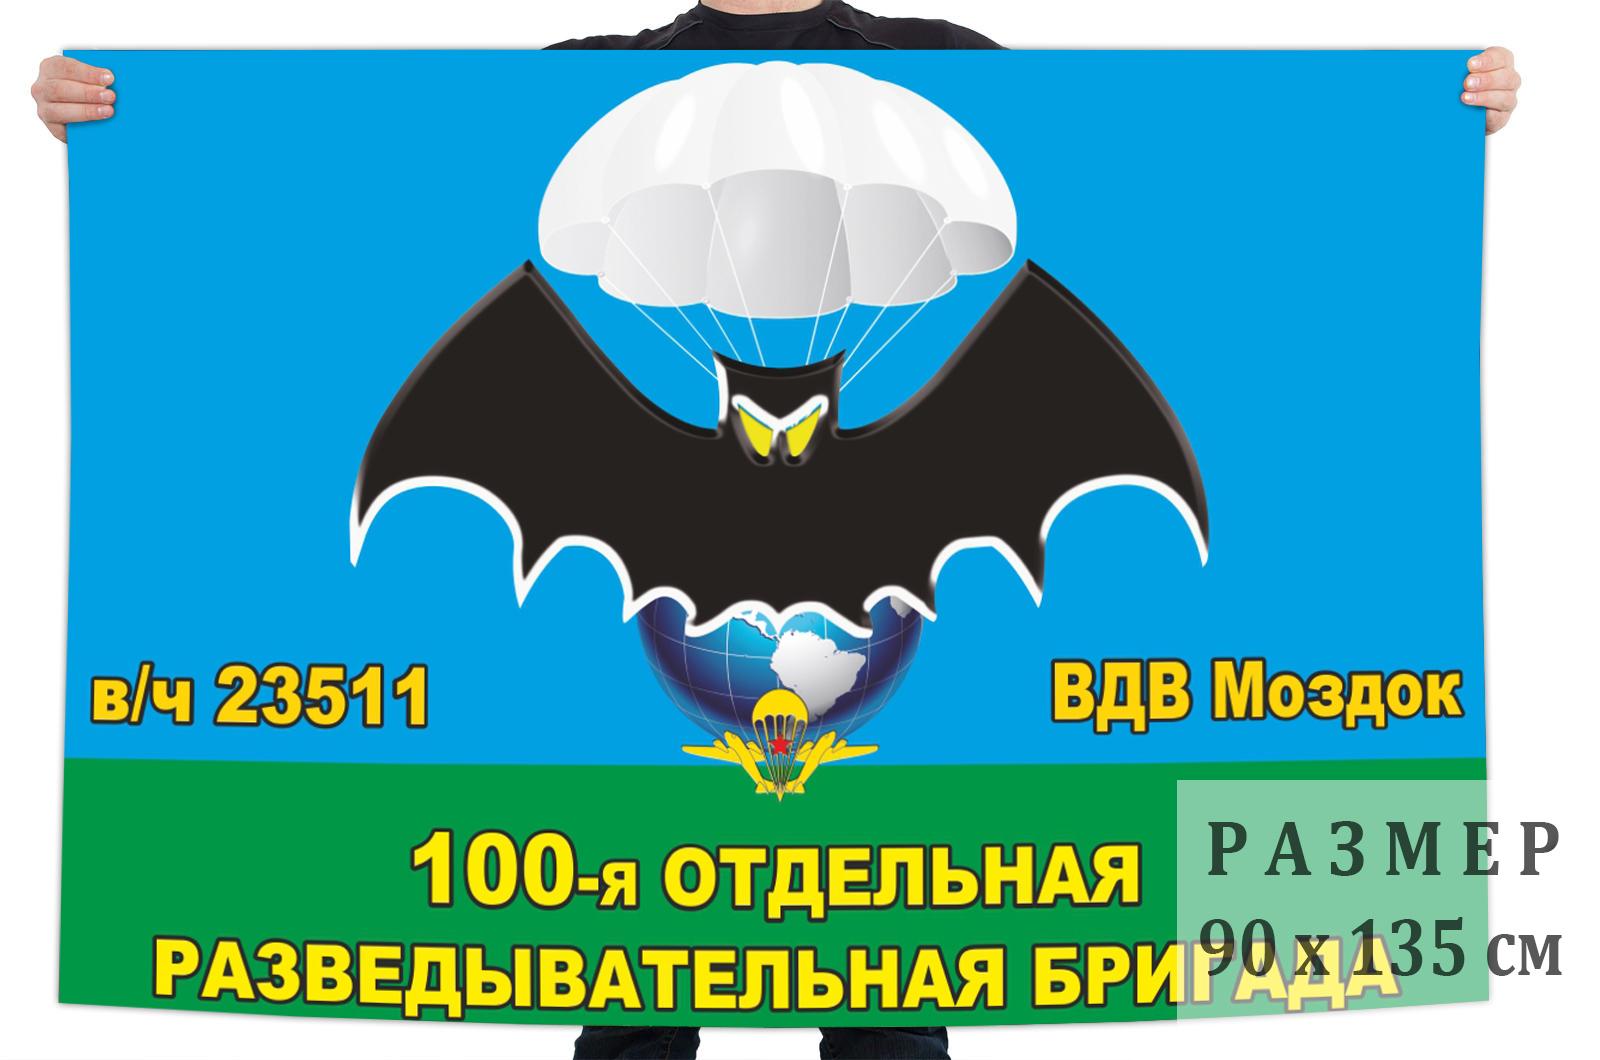 Флаг 100 отдельной разведывательной бригады ВДВ Моздок